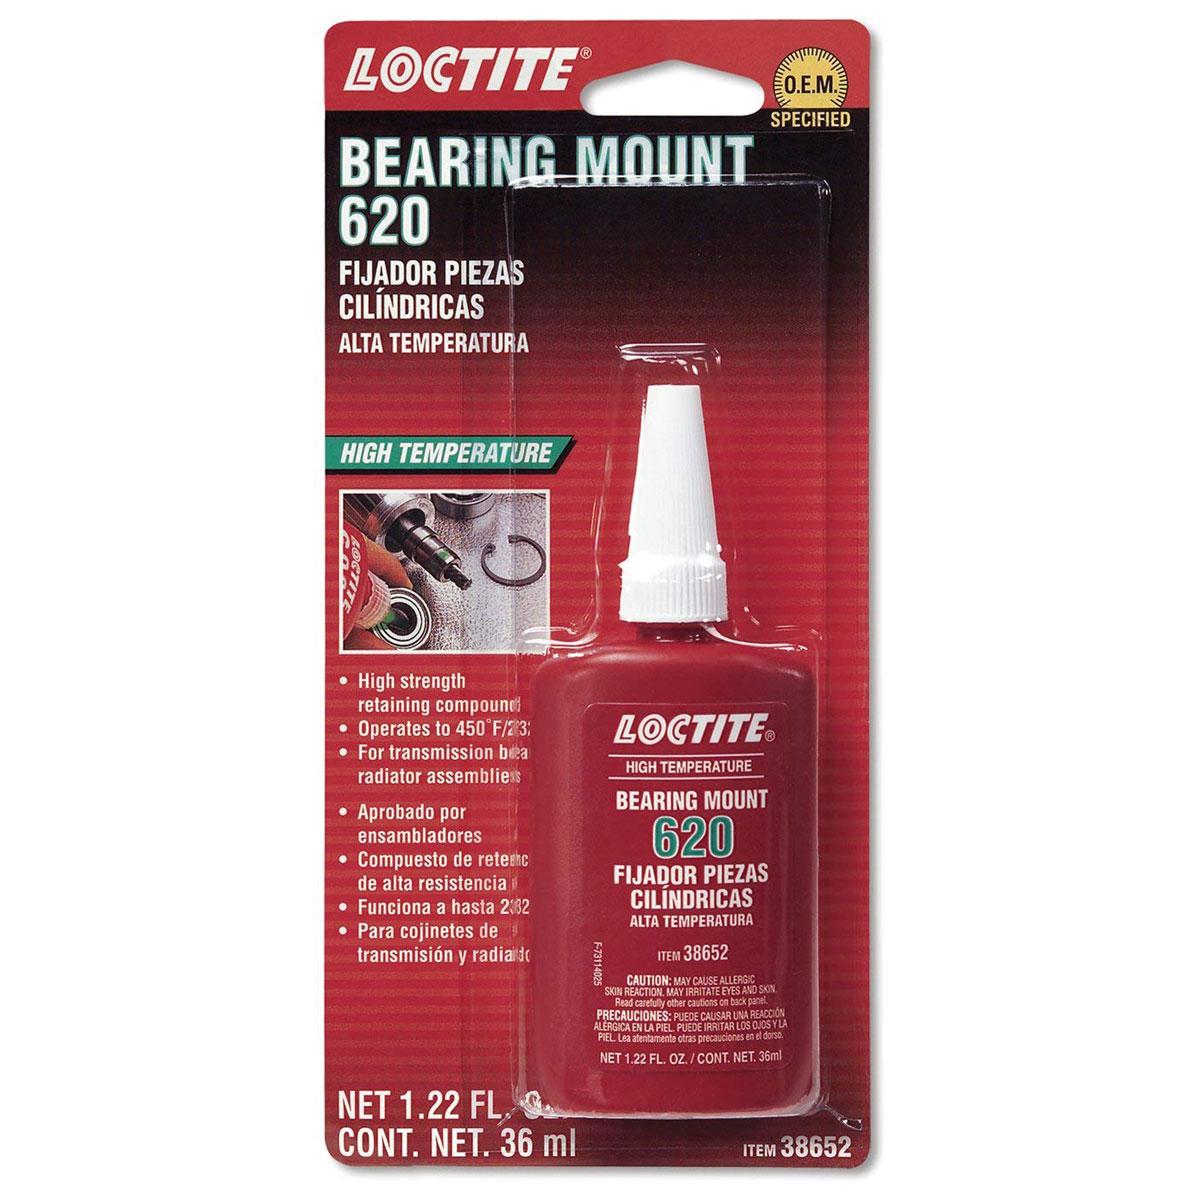 Loctite Bearing Mount 620